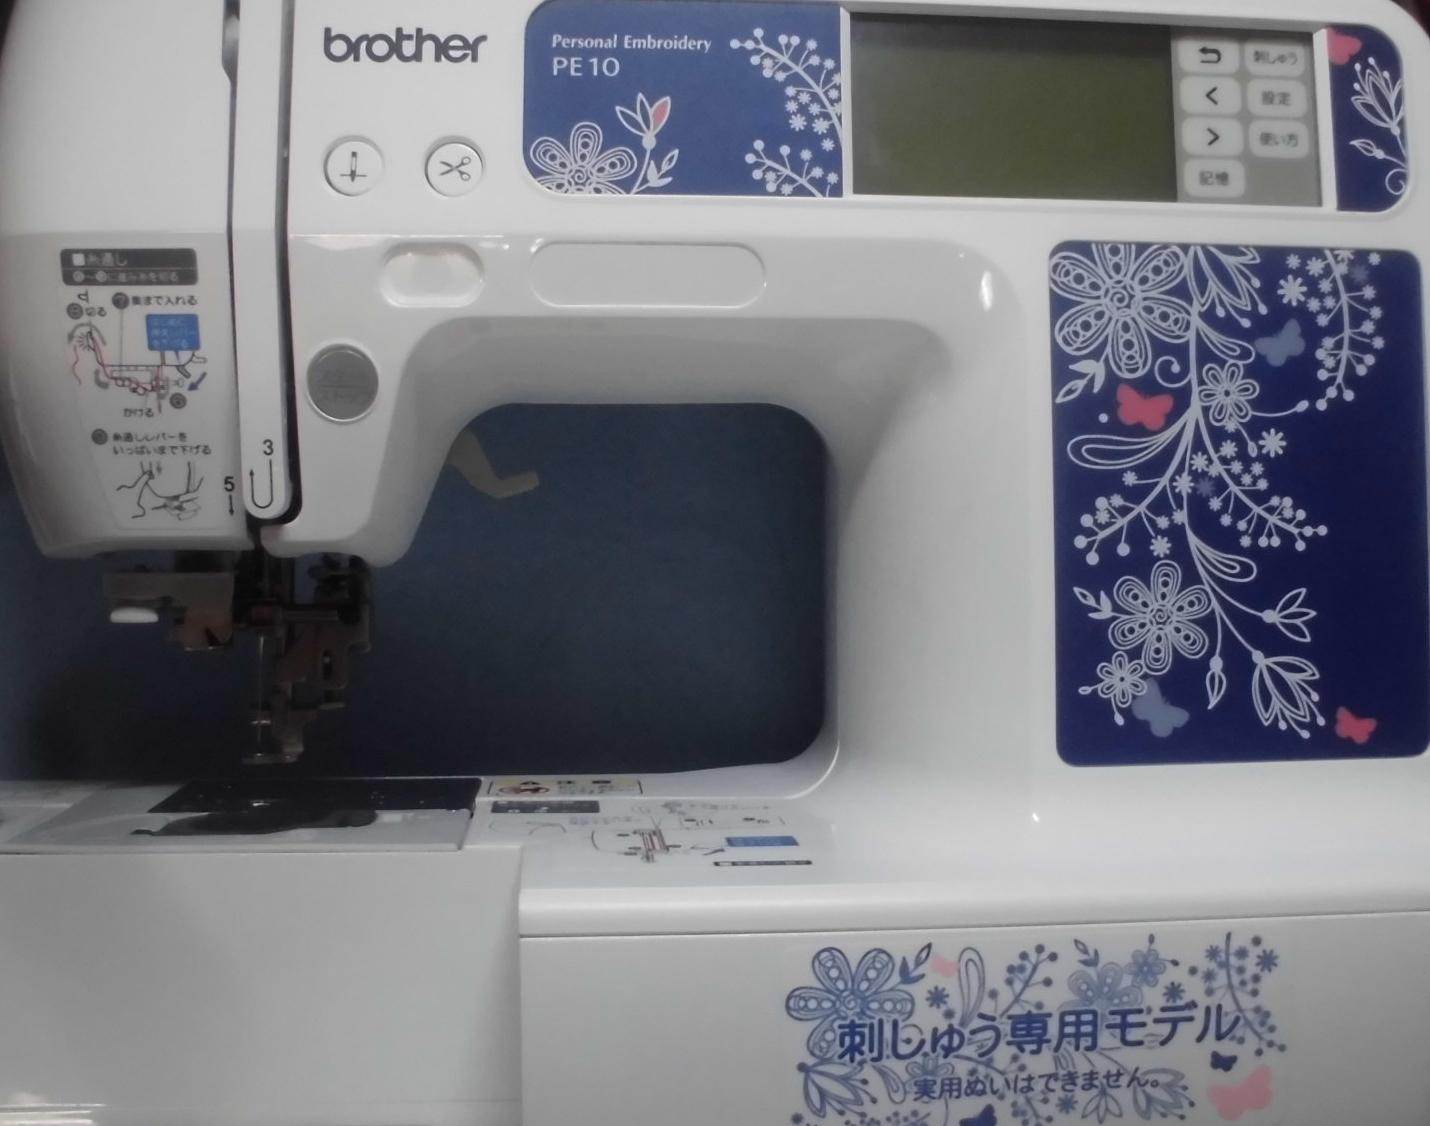 ブラザーミシンの修理|PE10・PEV5701|糸調子不良、綺麗に縫えない、糸が切れる